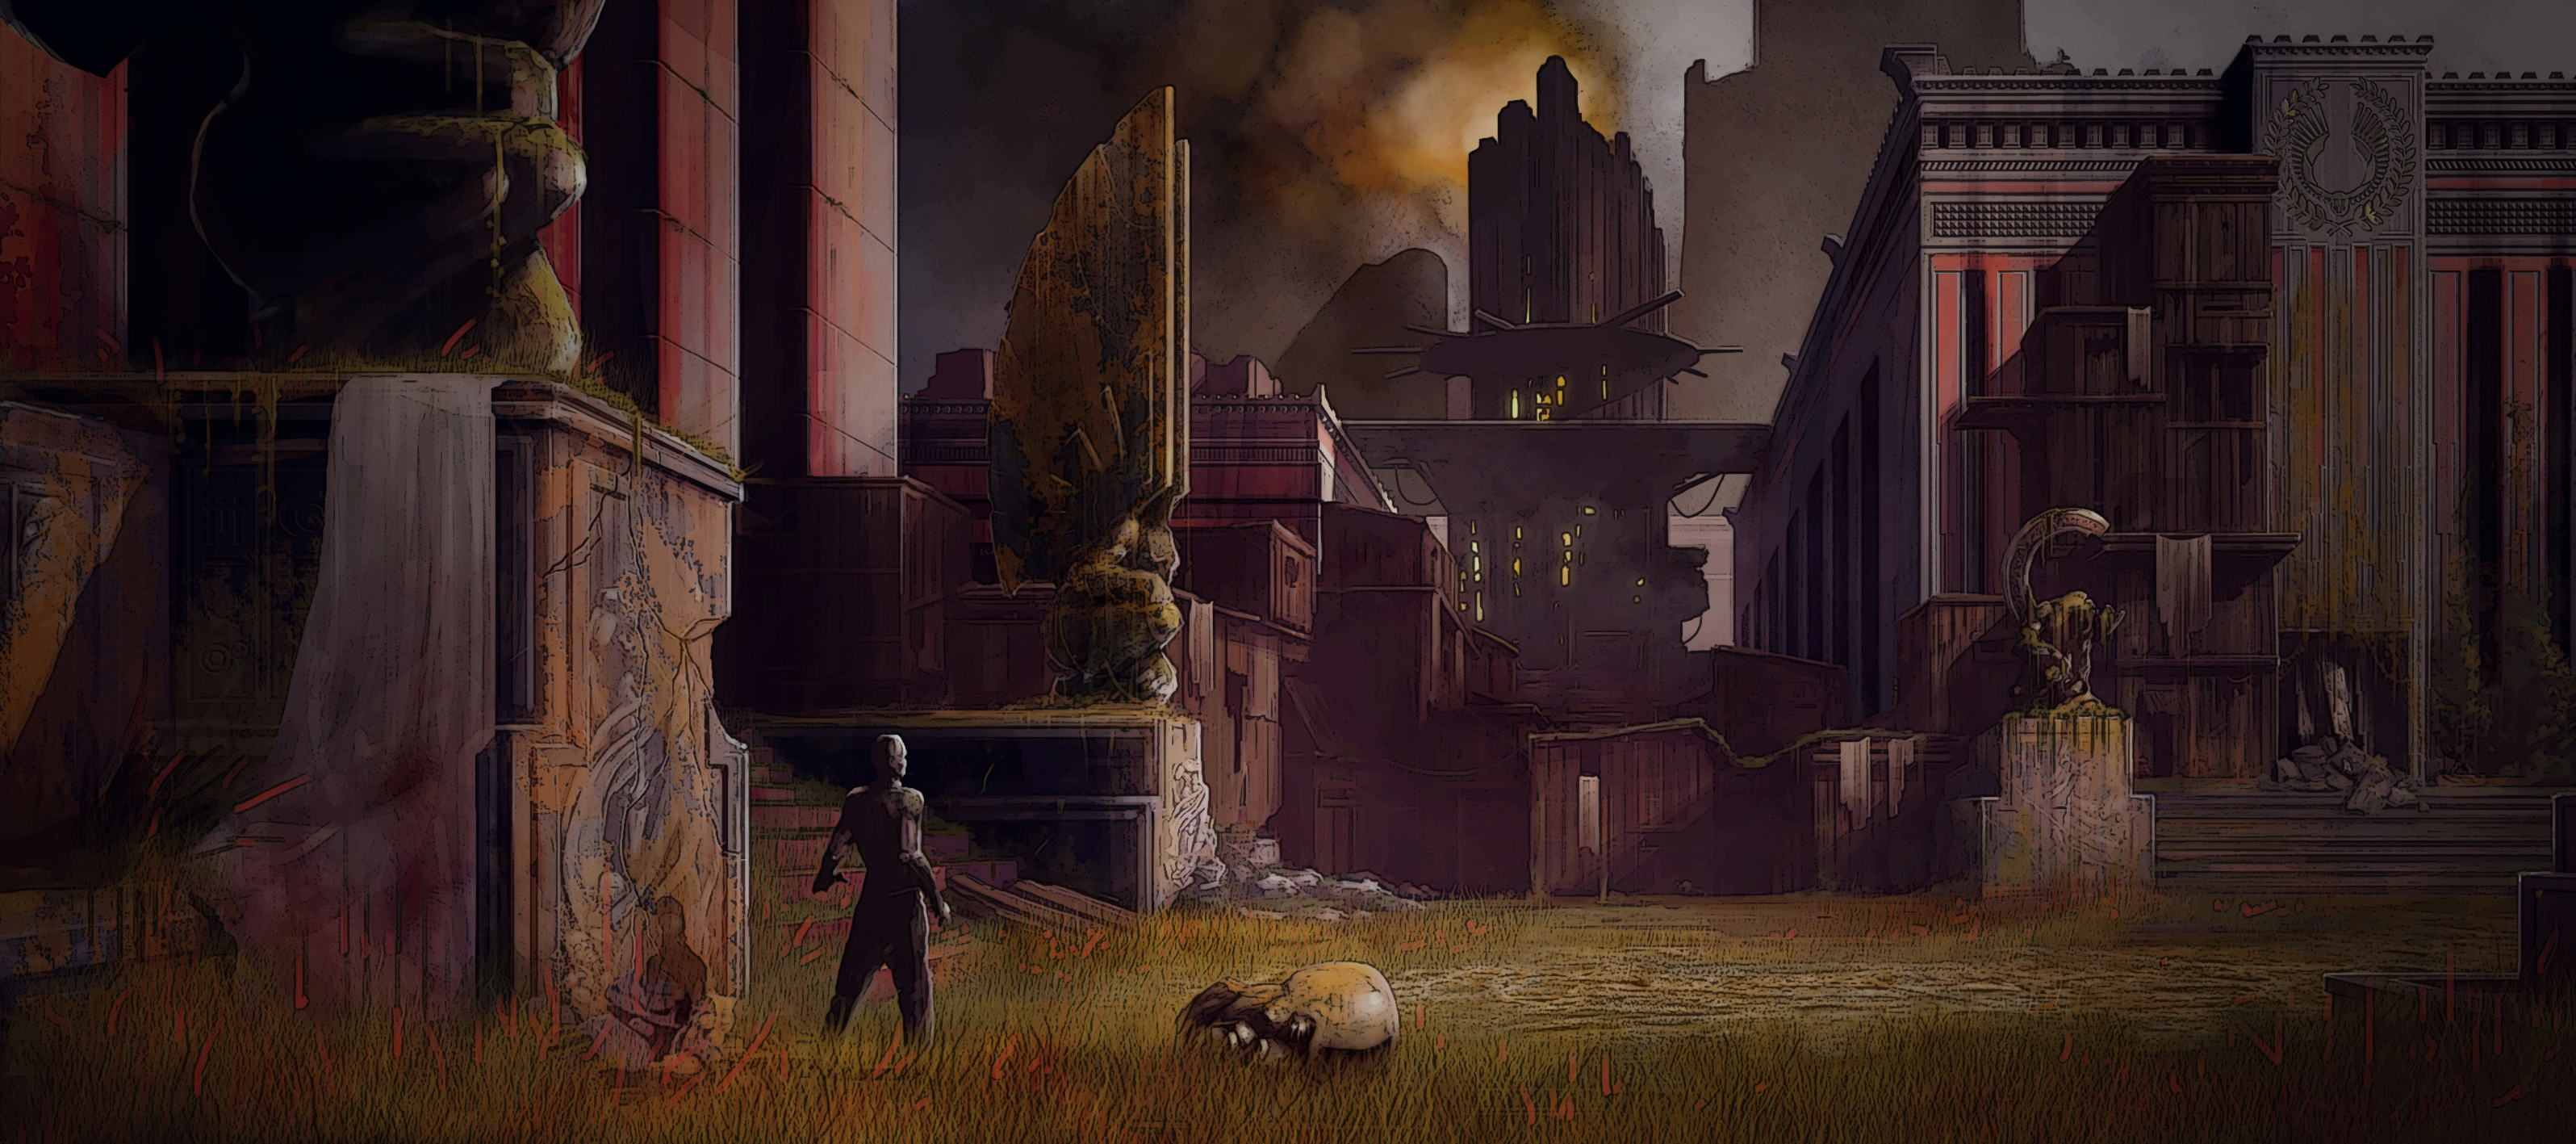 Legacy of Kain Dead Sun-sabaravista-human